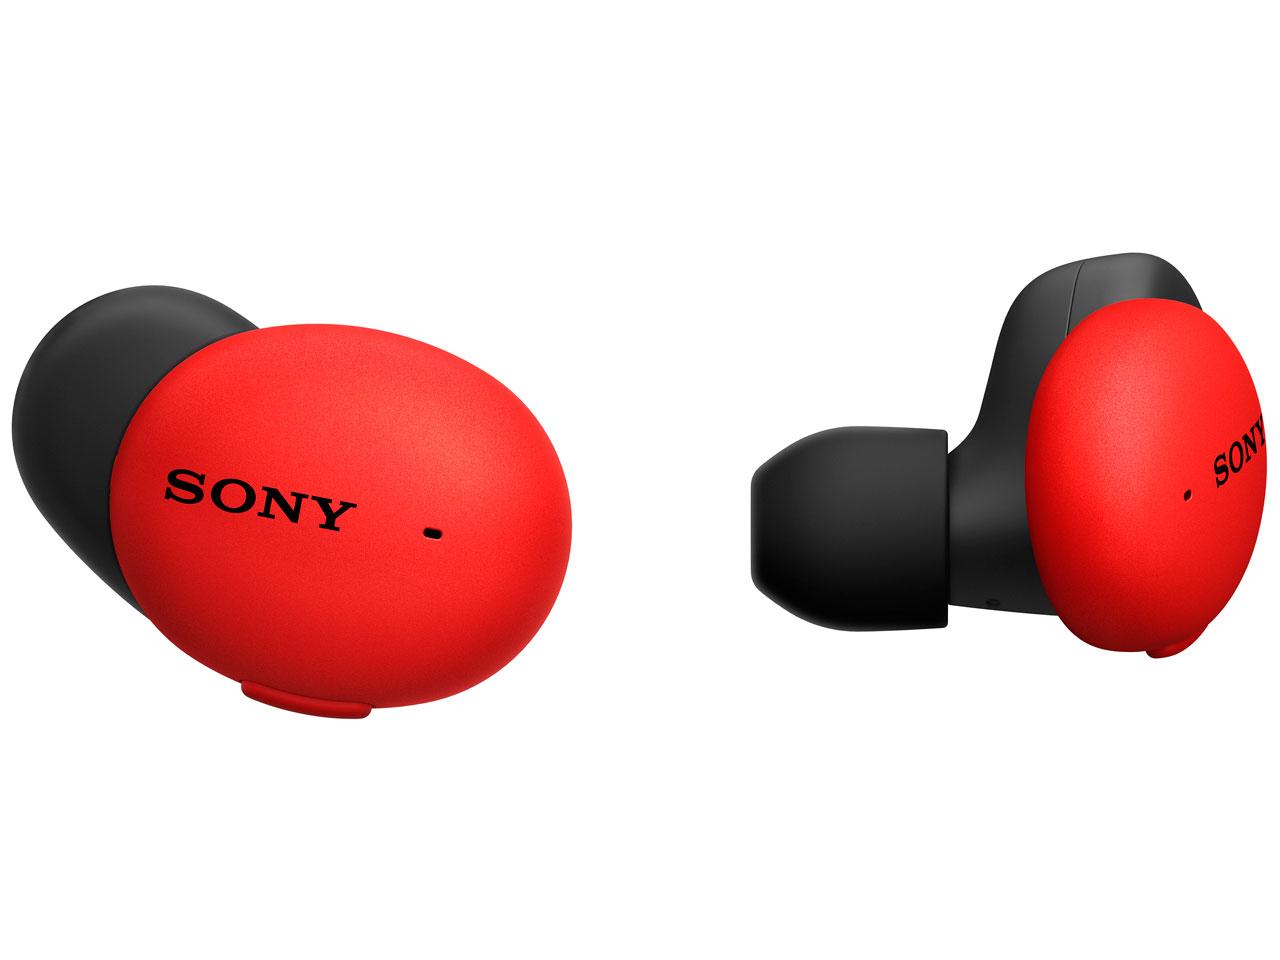 h.ear in 3 Truly Wireless WF-H800